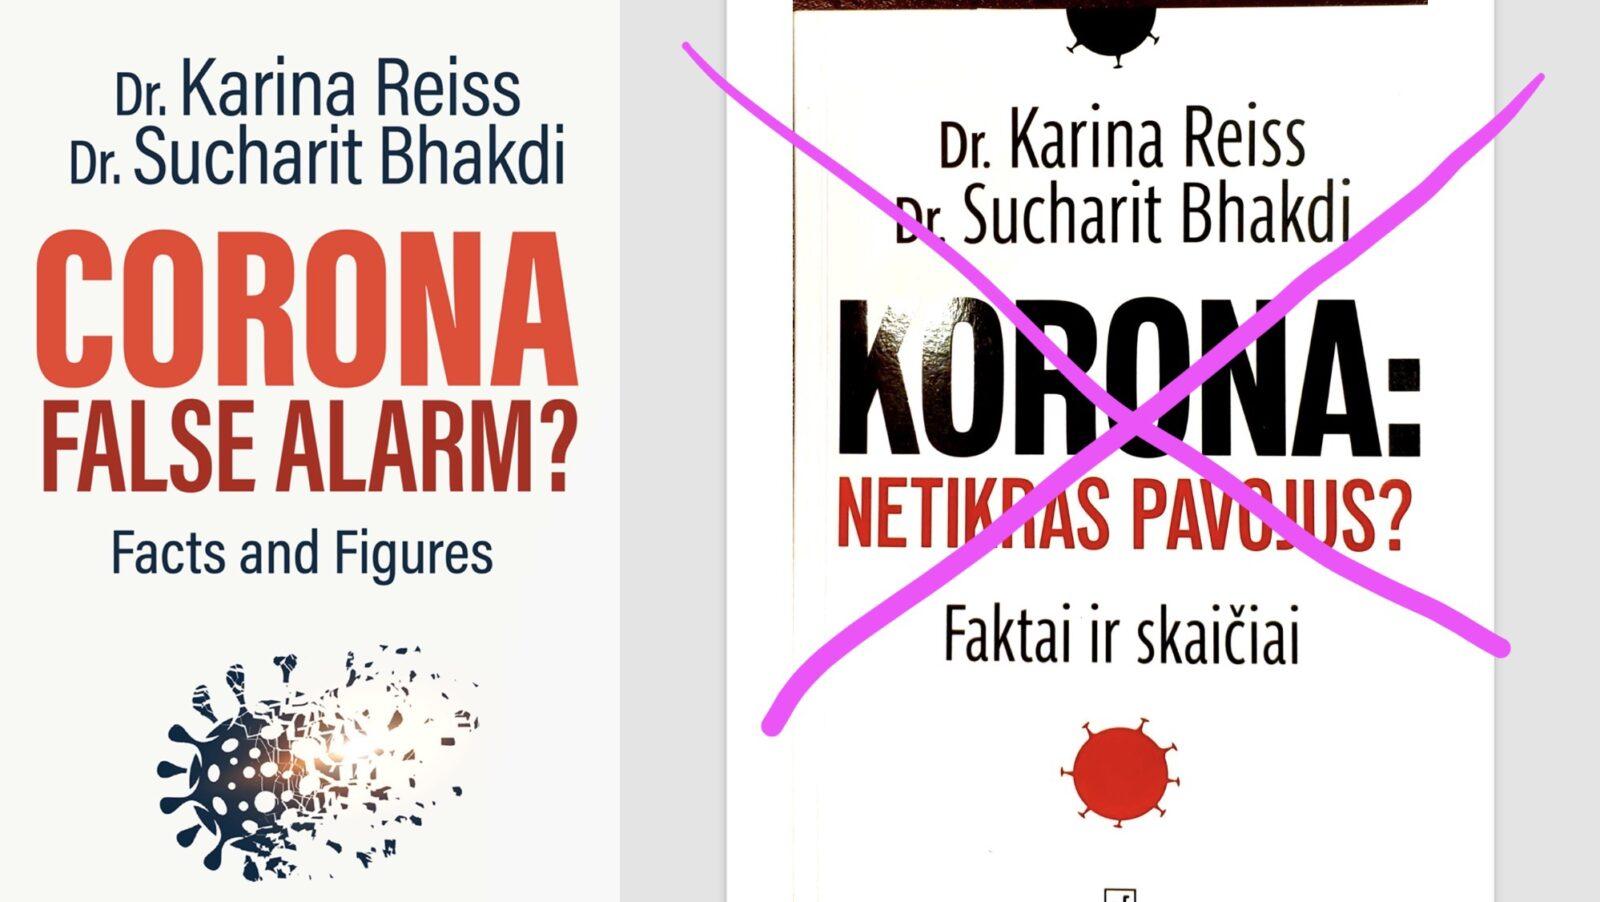 """Knyga """"Korona. Netikras pavojus?"""" prarado aktualumą, todėl nebeplatinama"""